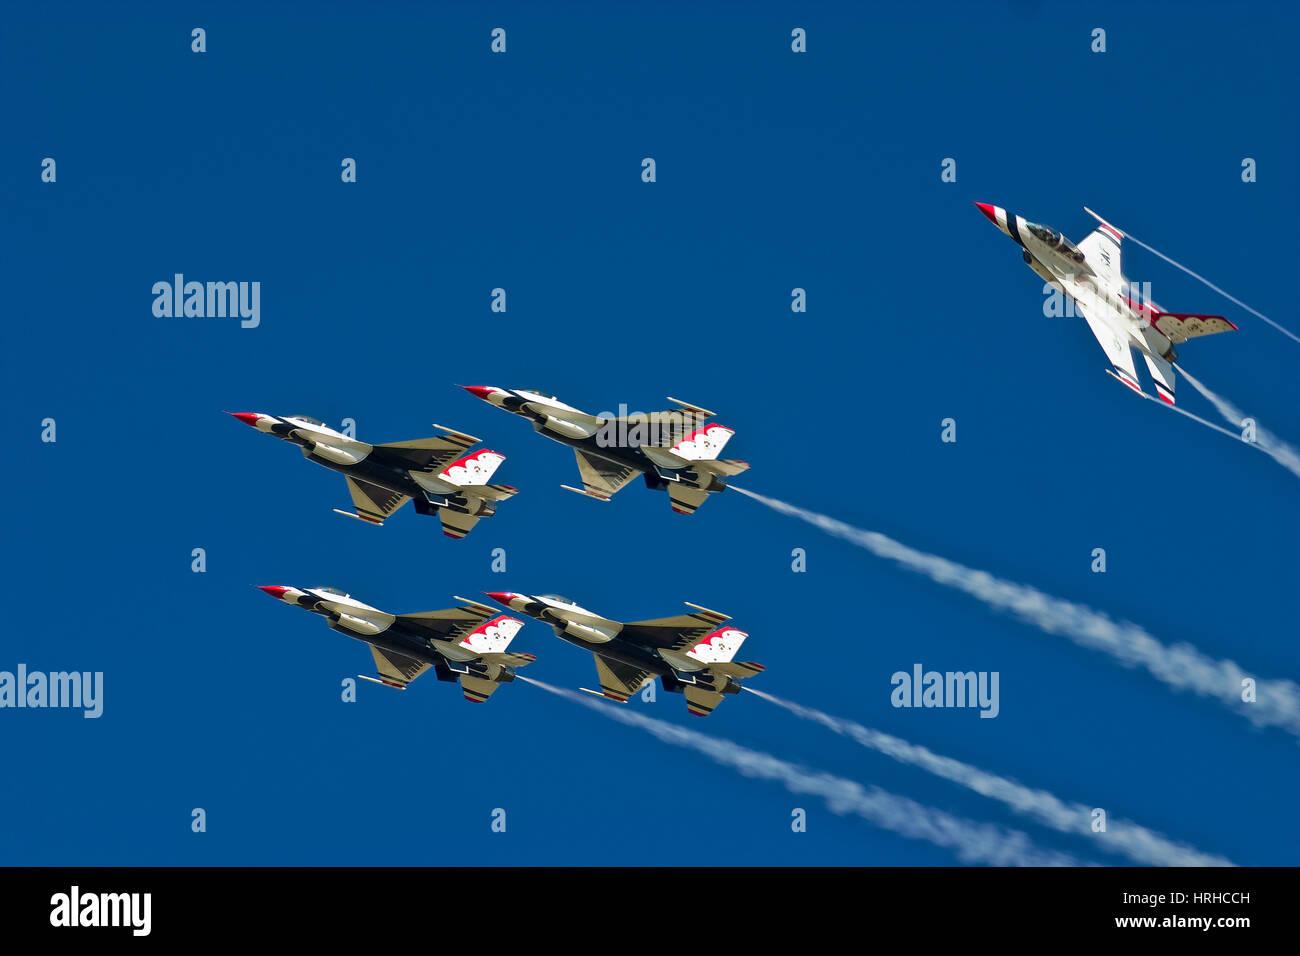 U S Air Force Thunderbirds de l'équipe de démonstration Banque D'Images